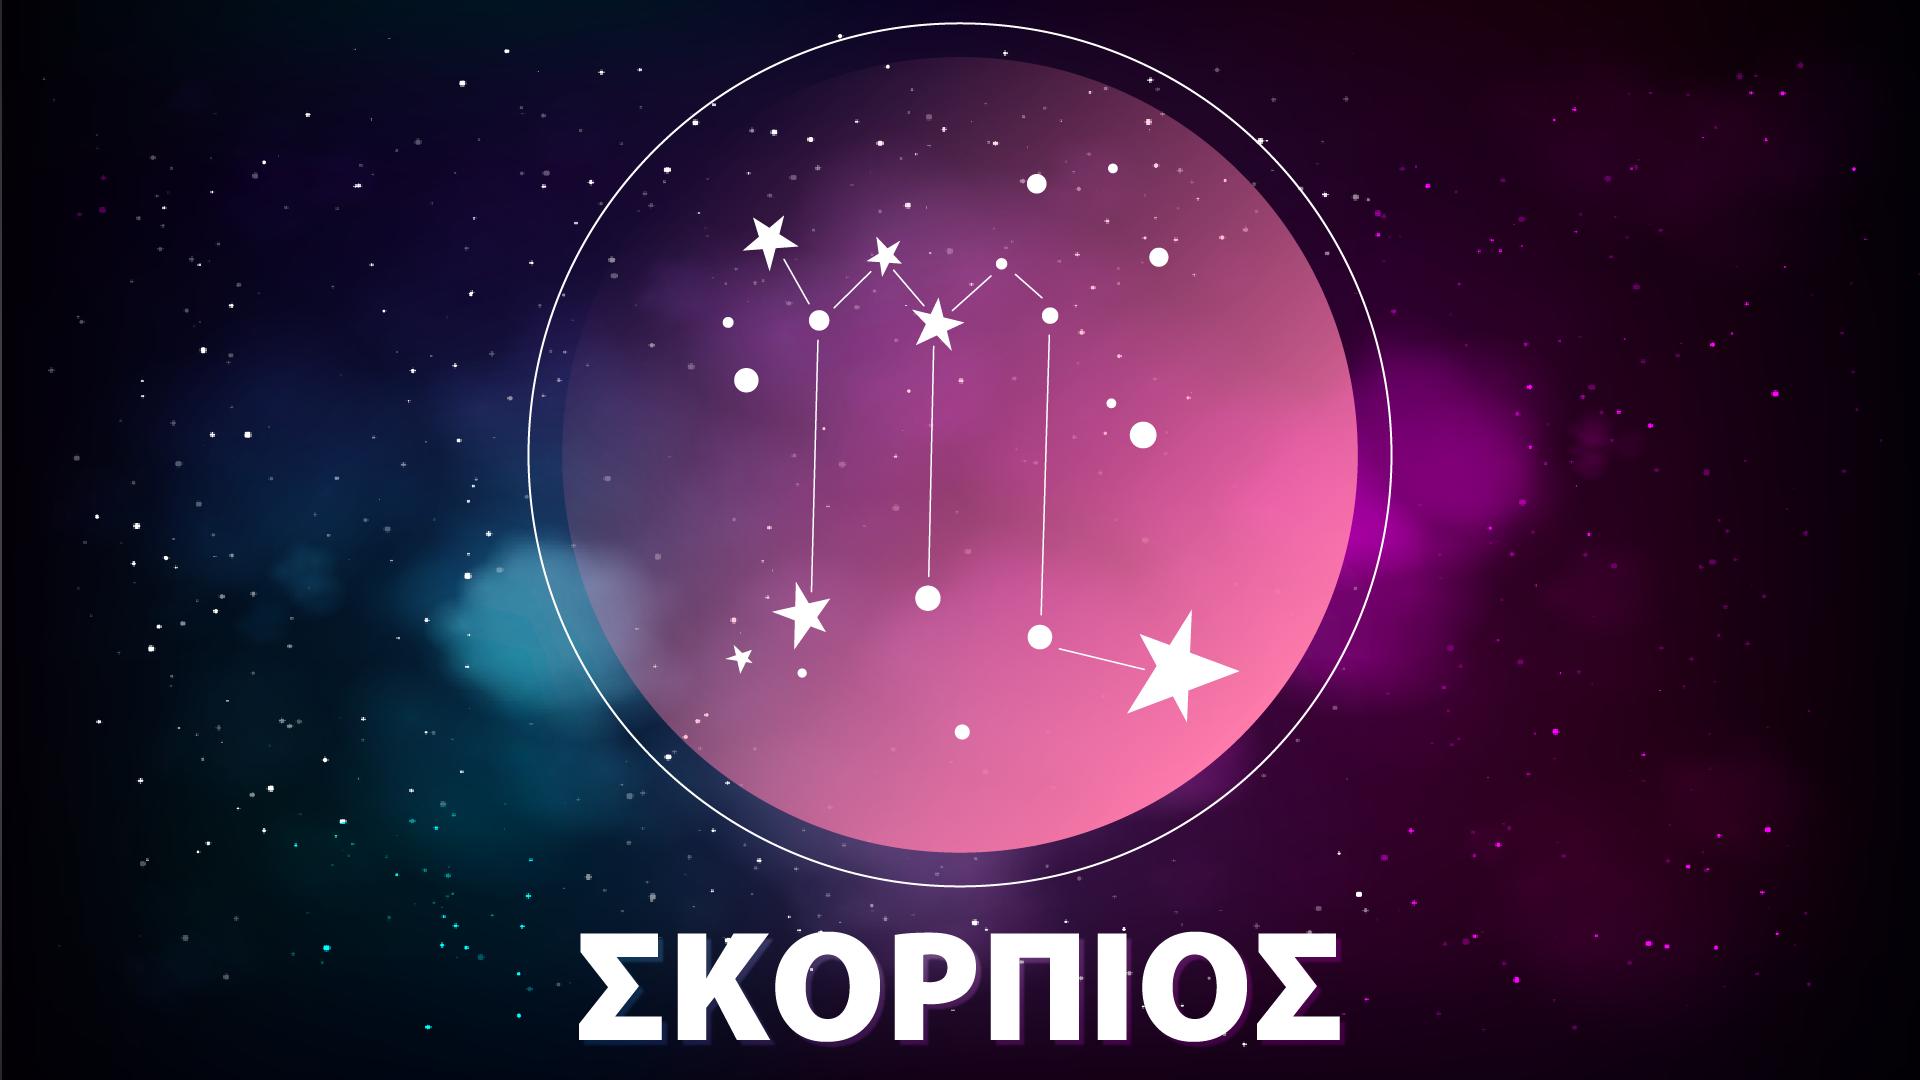 Σκορπιός – Εβδομαδιαίες αστρολογικές προβλέψεις και τα τυχερά νούμερα 9/9 έως και 15/9/2019 !